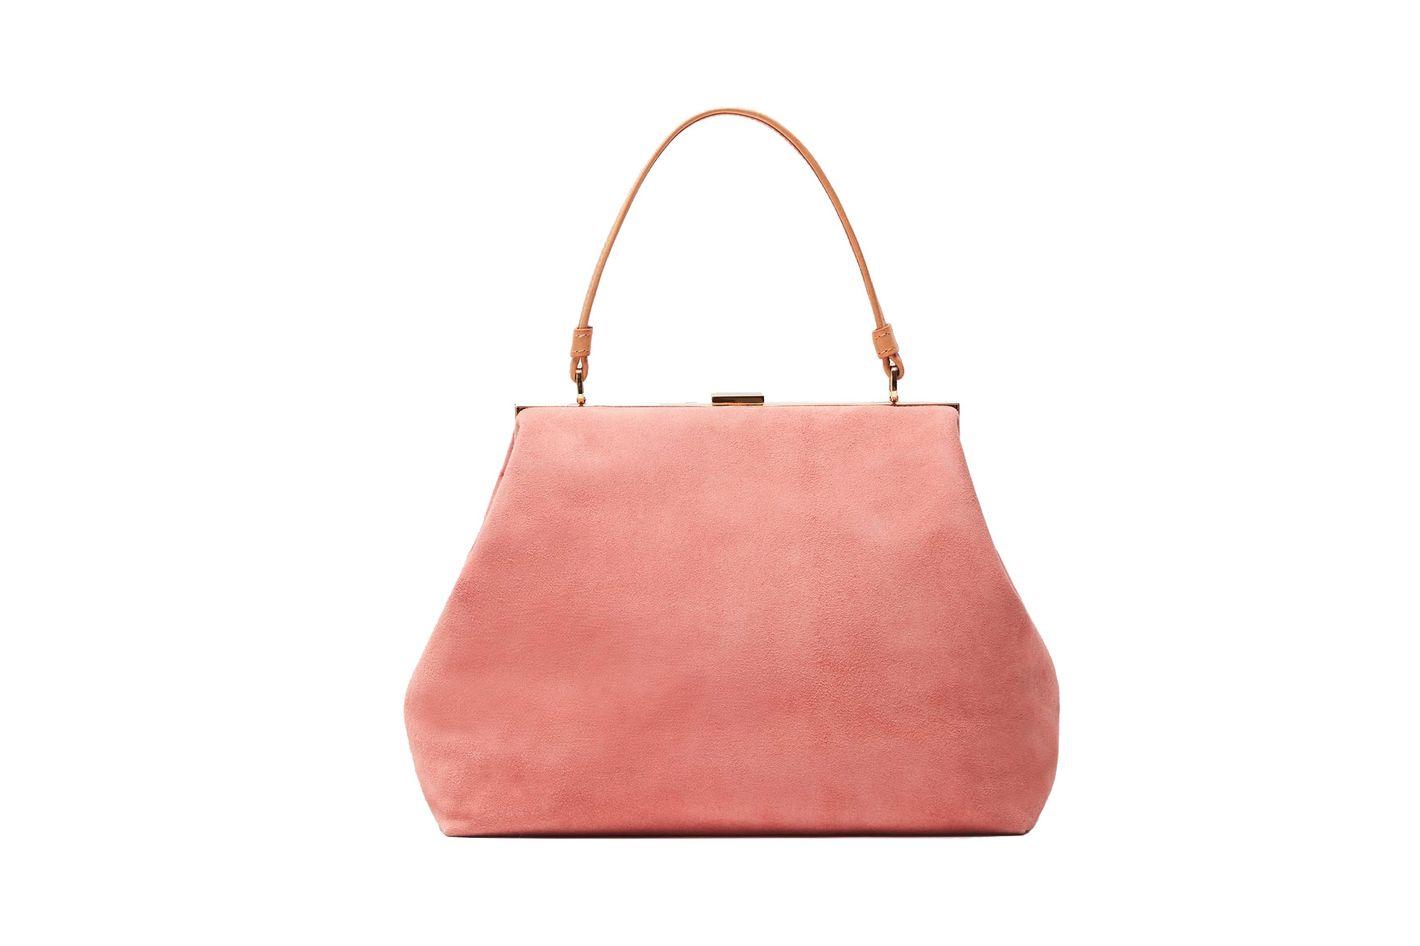 Mansur Gavriel Bags On Sale